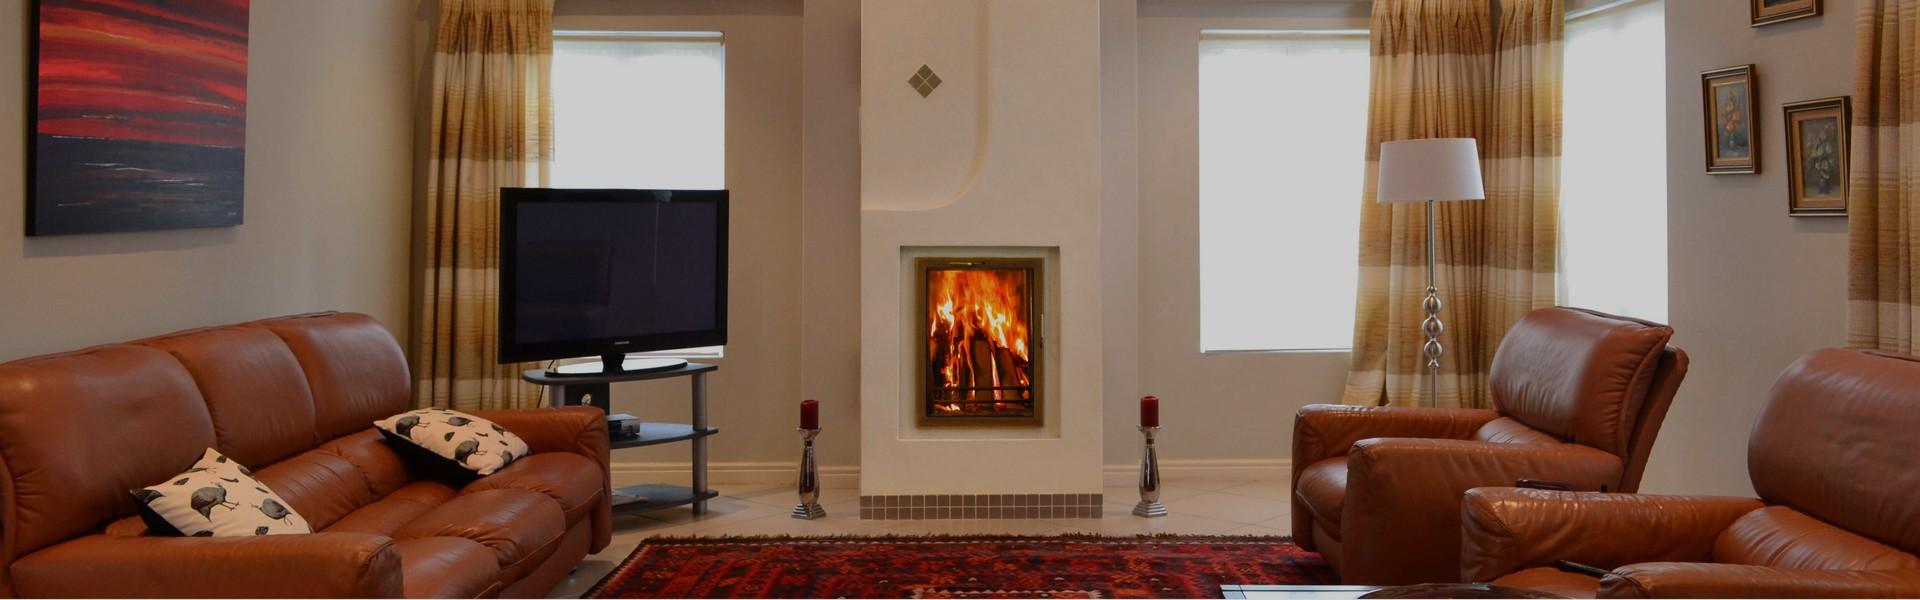 Kamin-Speicherkamin-Biofire-kaufen-Kamine-Hersteller-Premium-Deutschland